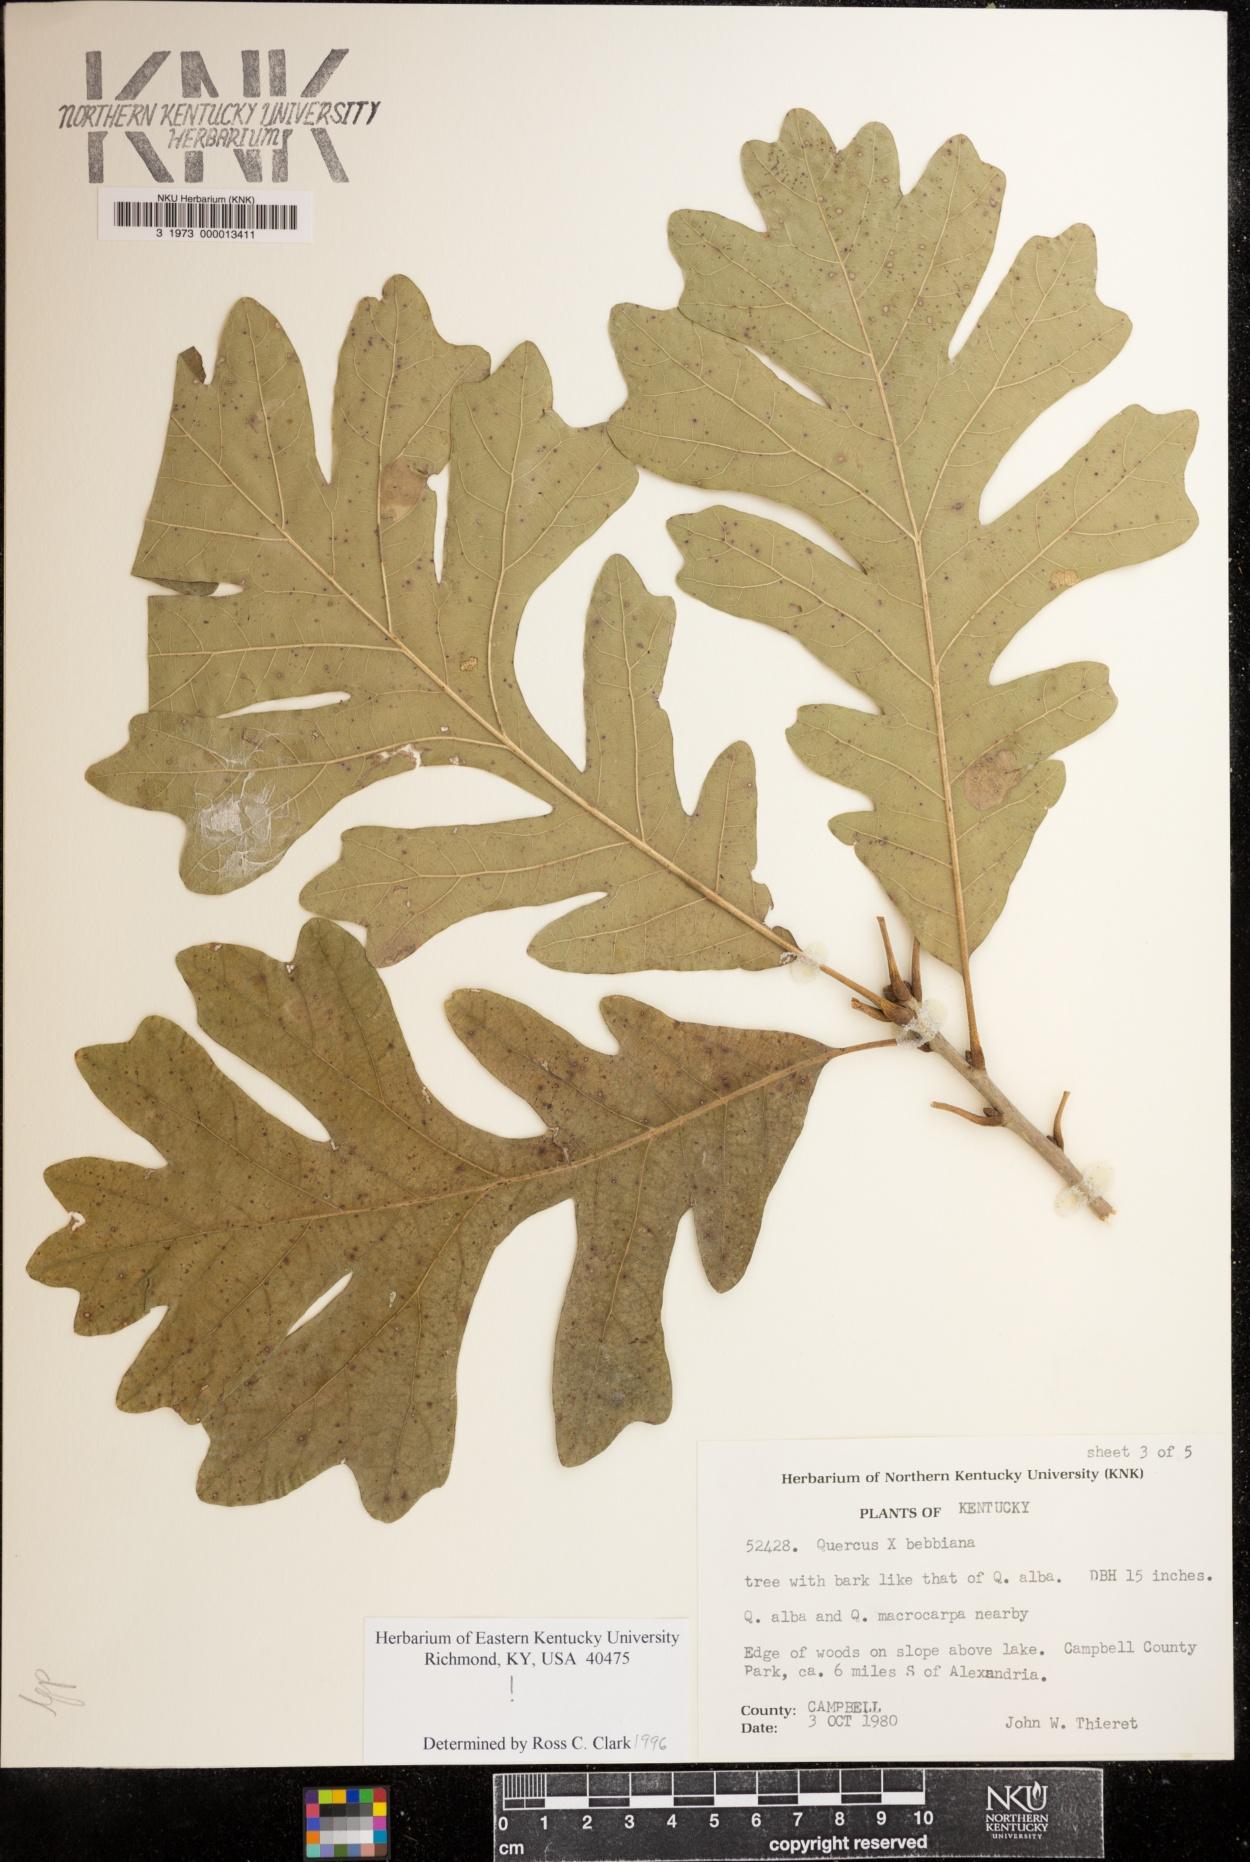 Quercus bebbiana image